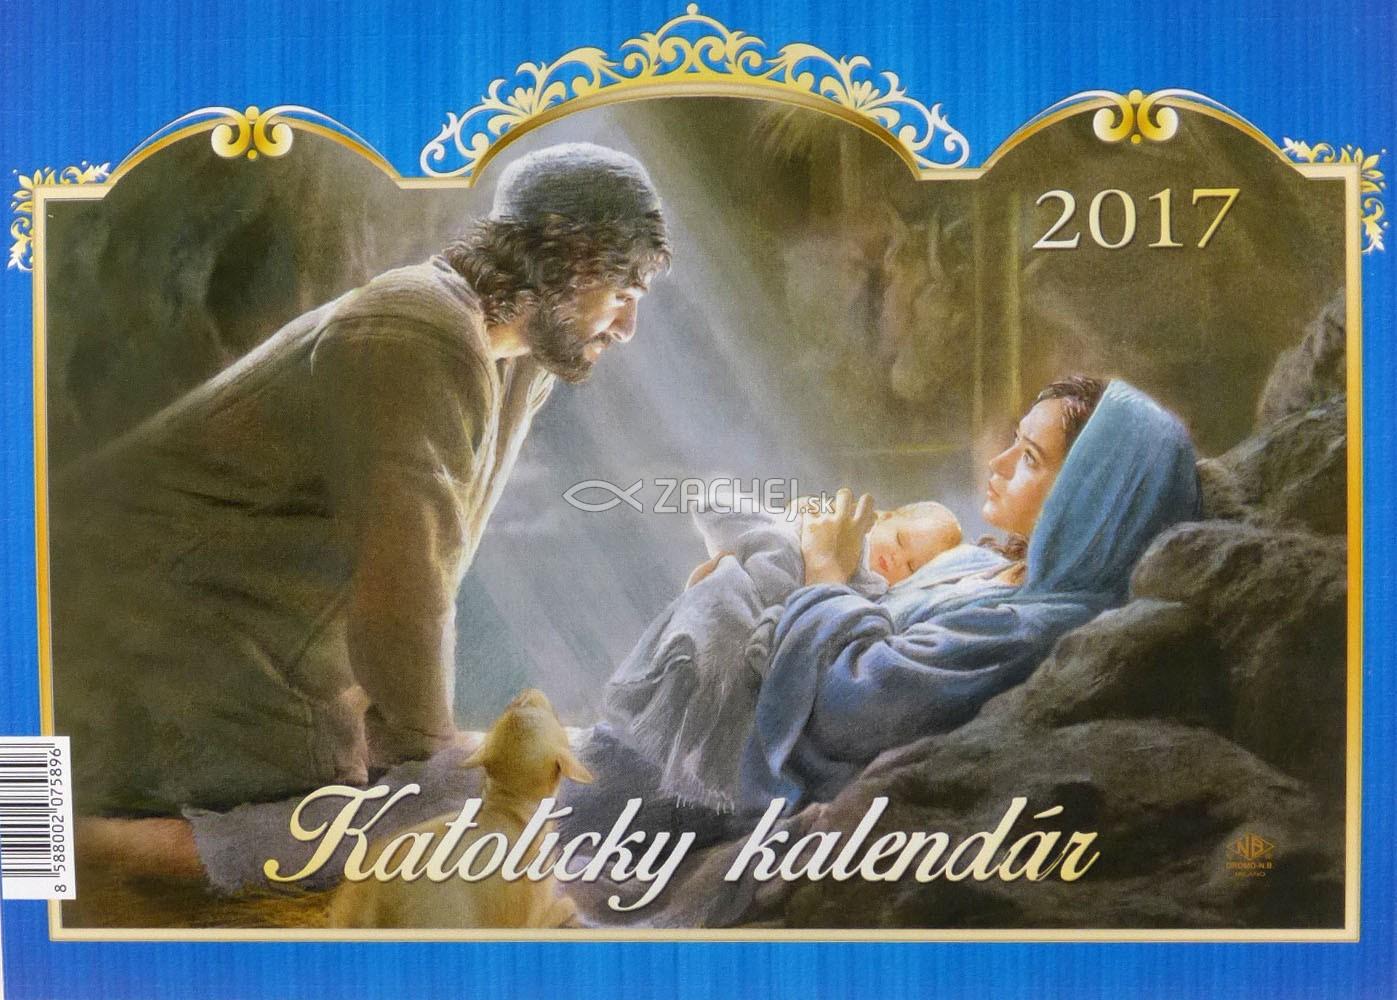 katolicky kalendar Zachej.sk • Katolícky kalendár 2017 stolový (Via) katolicky kalendar